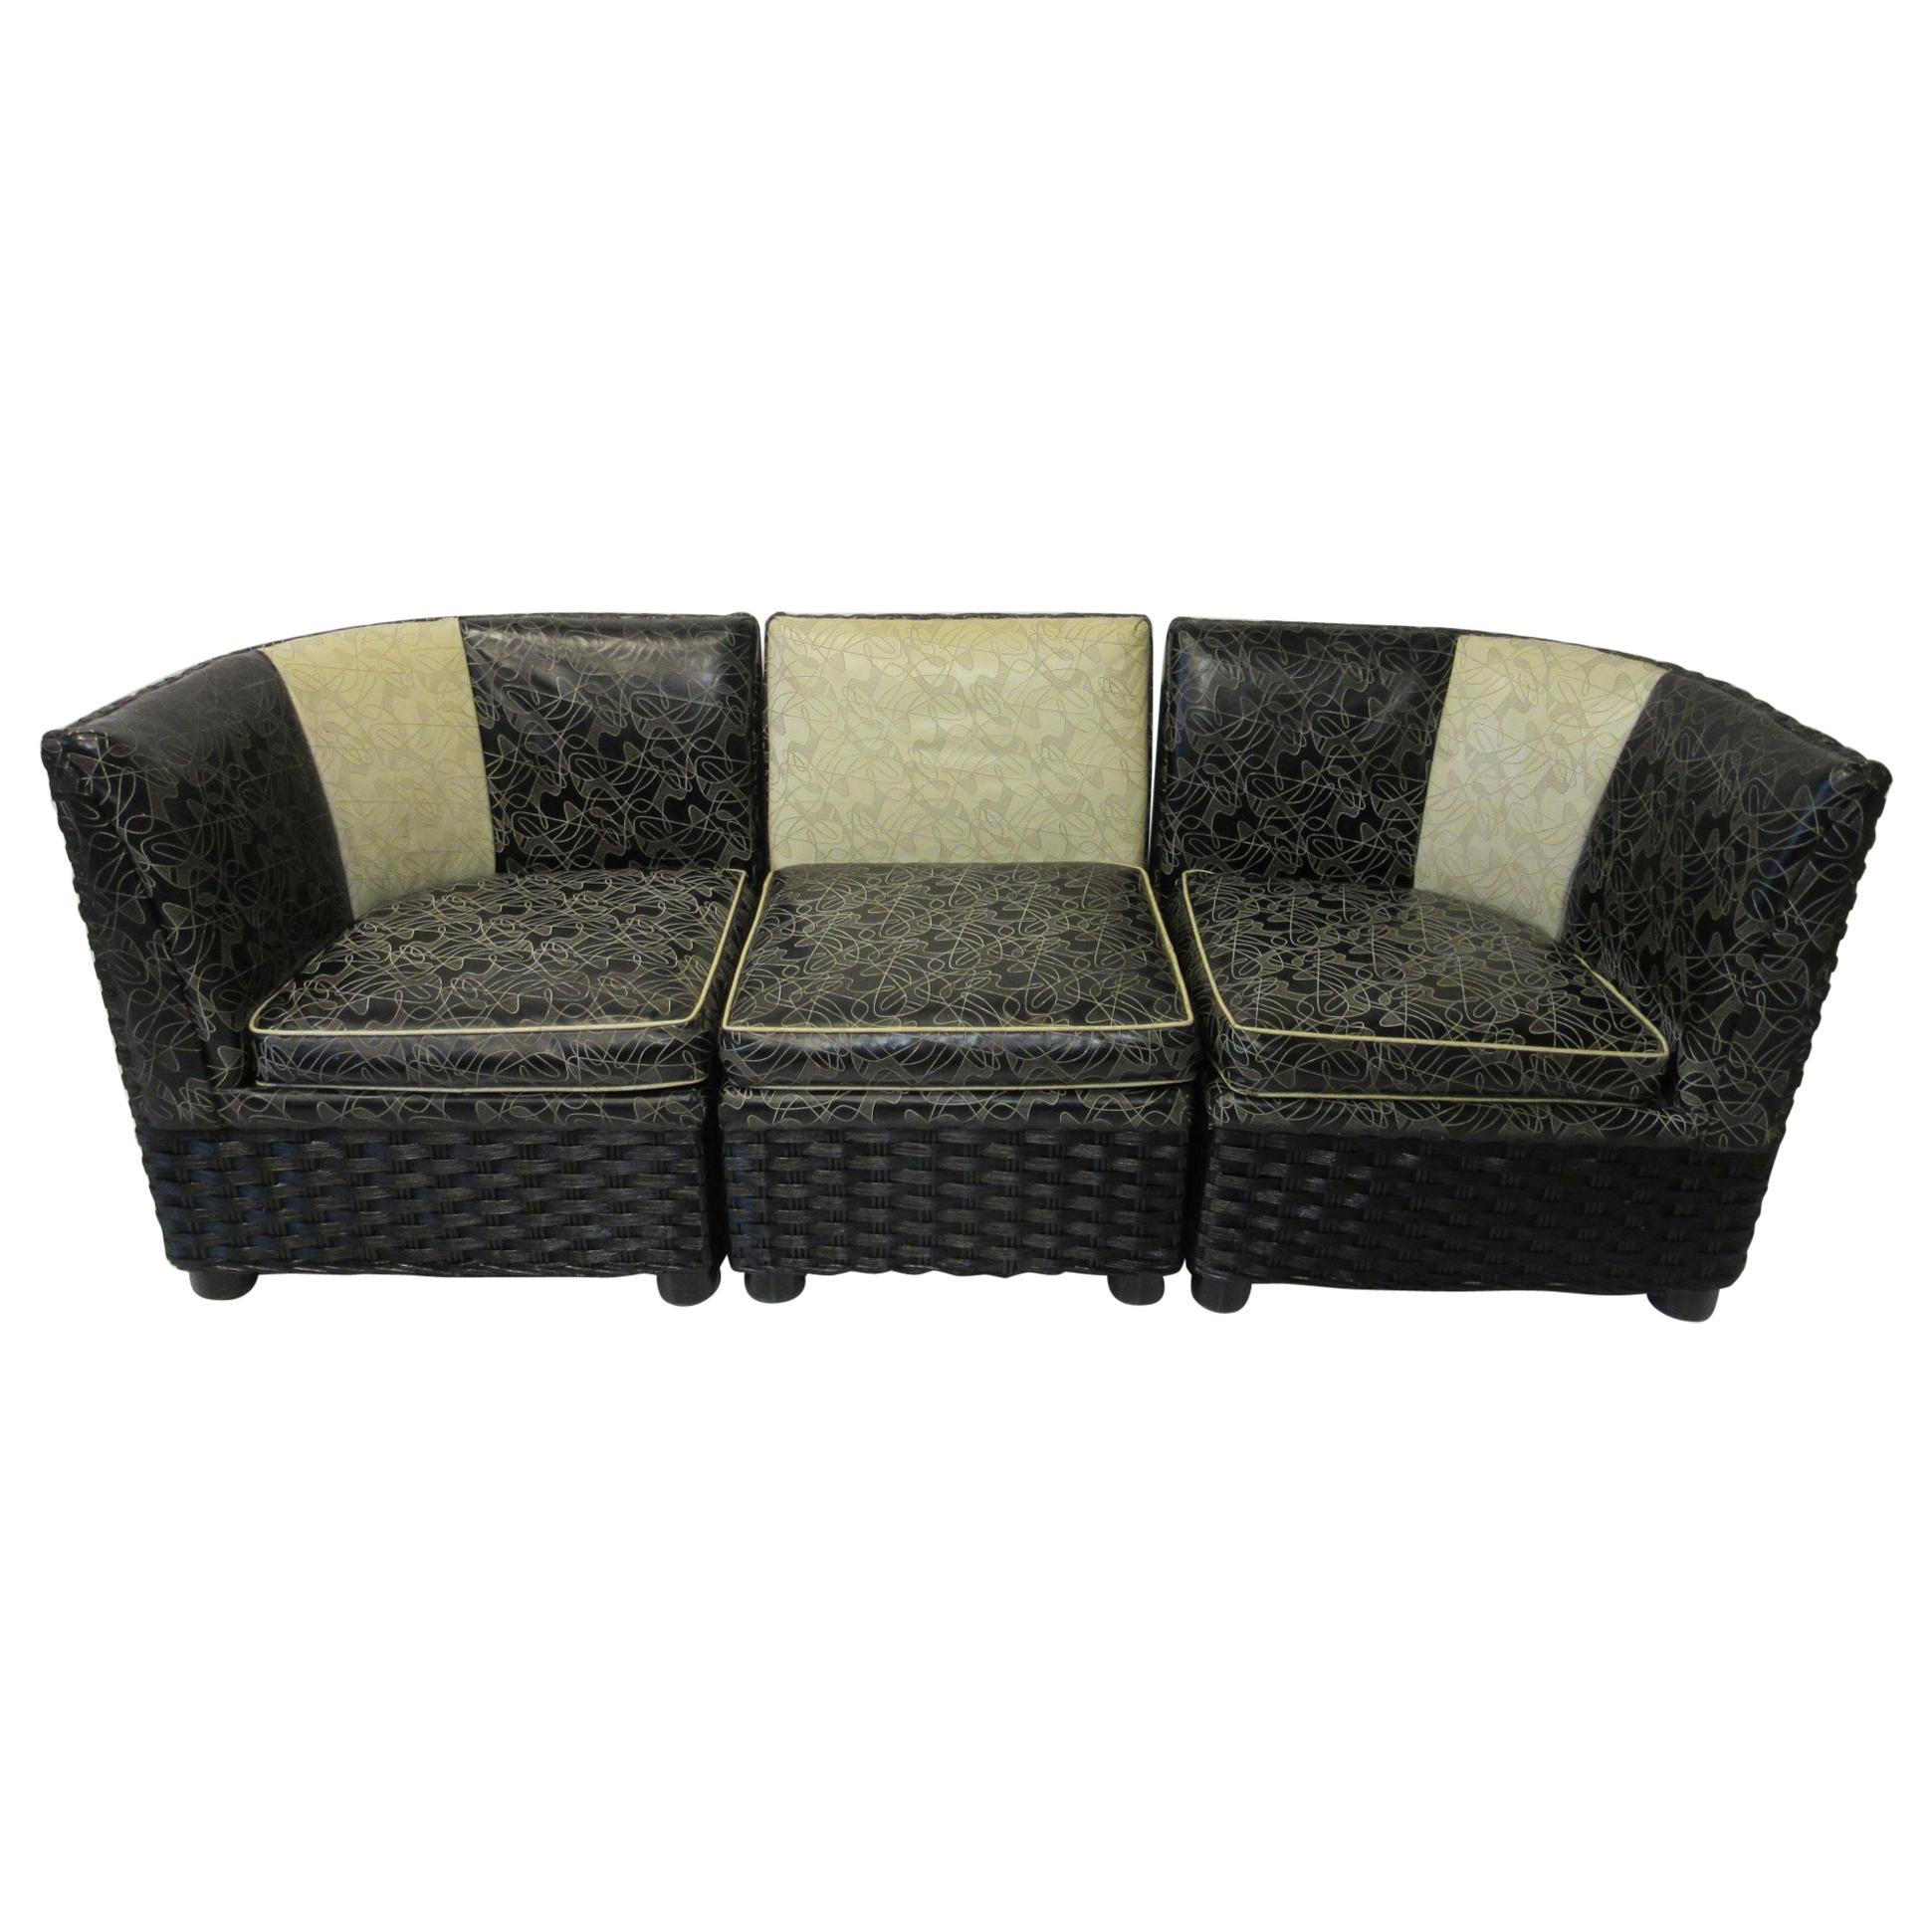 Art Deco Sofa / Loveseat in Wicker